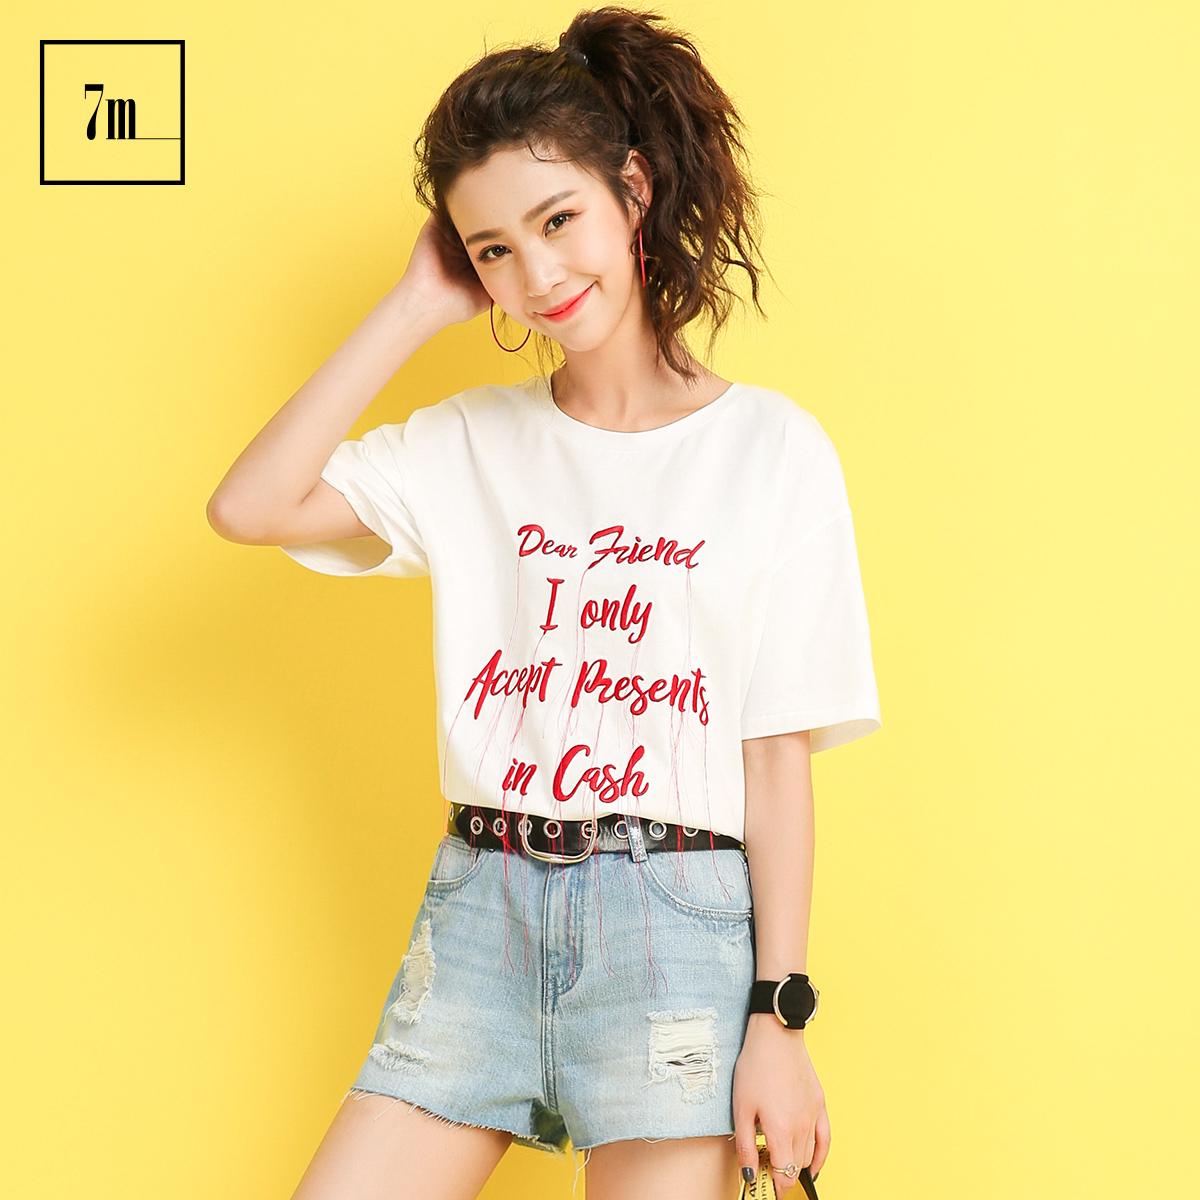 宽松上衣拉夏贝尔7m2017夏季新款字母绣花休闲中长款短袖t恤女士